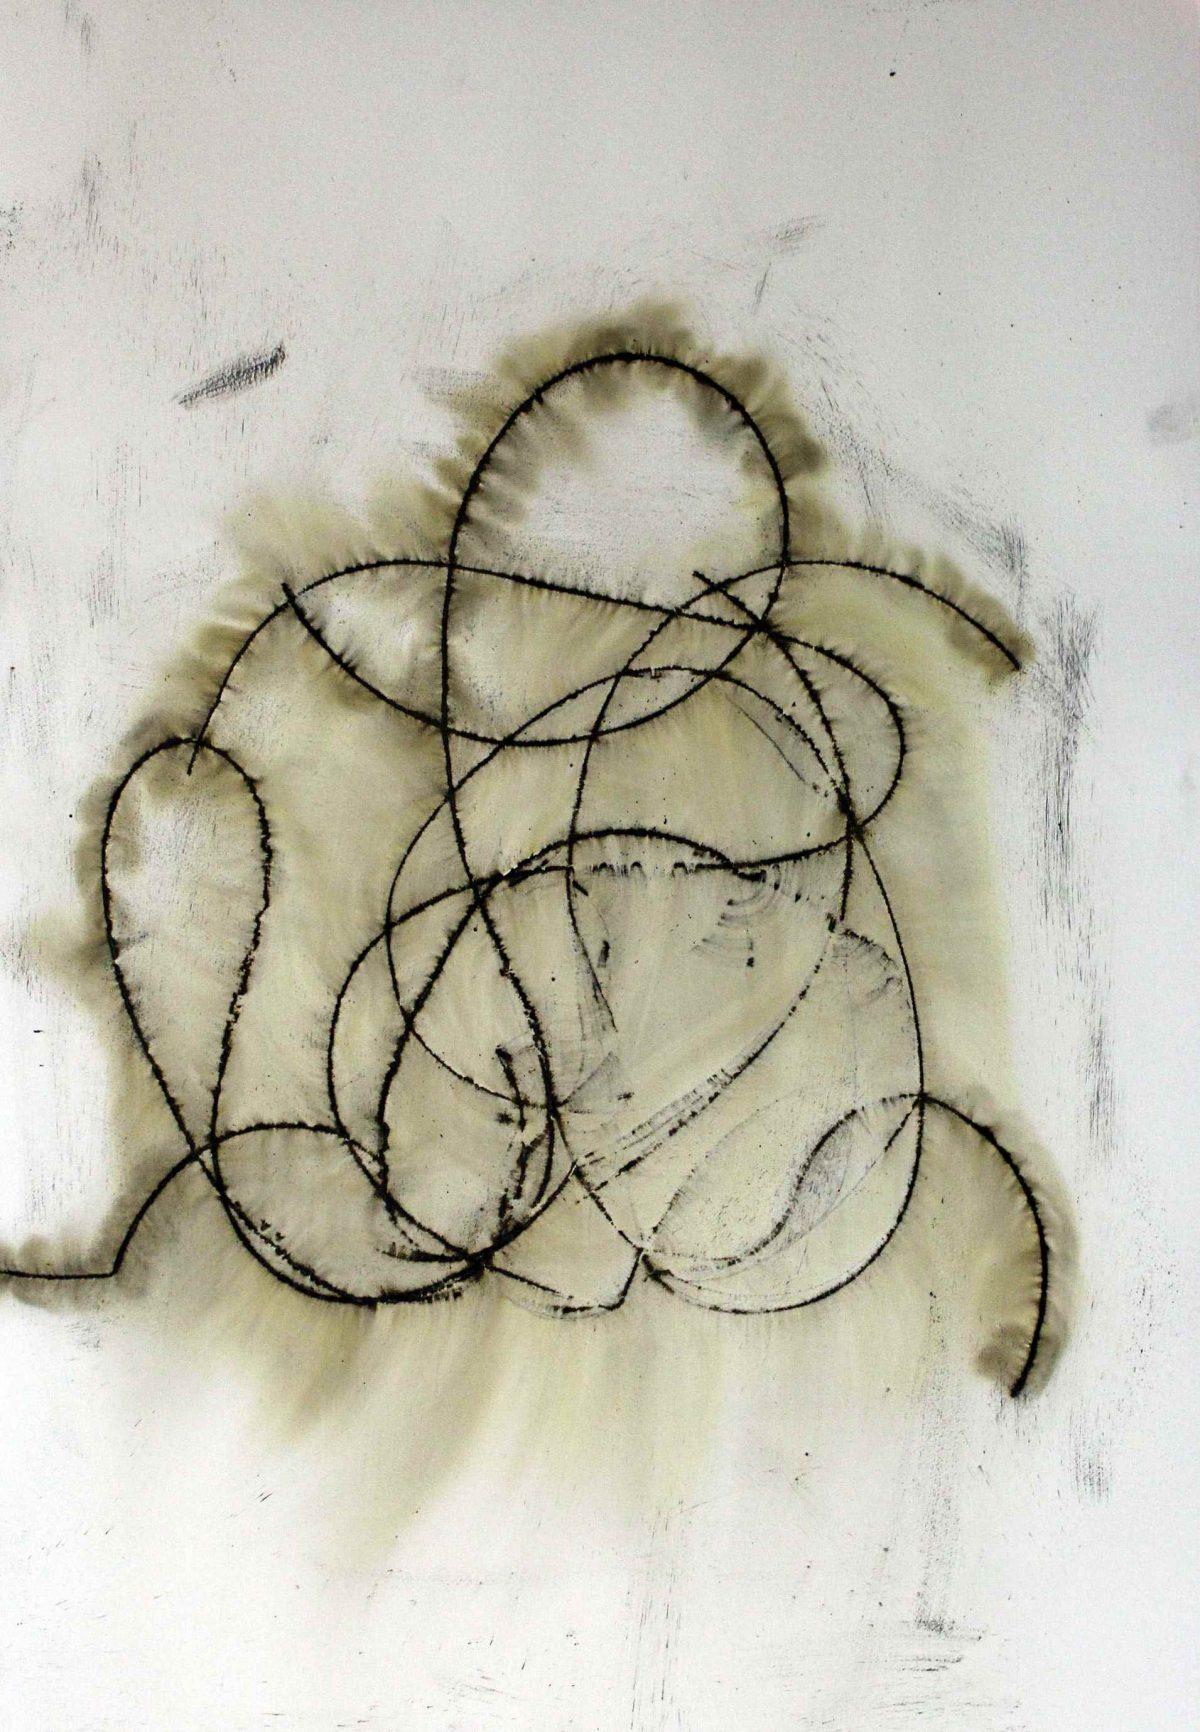 Steve Woodbury - Nurturing, gunpowder on paper 100x70cm